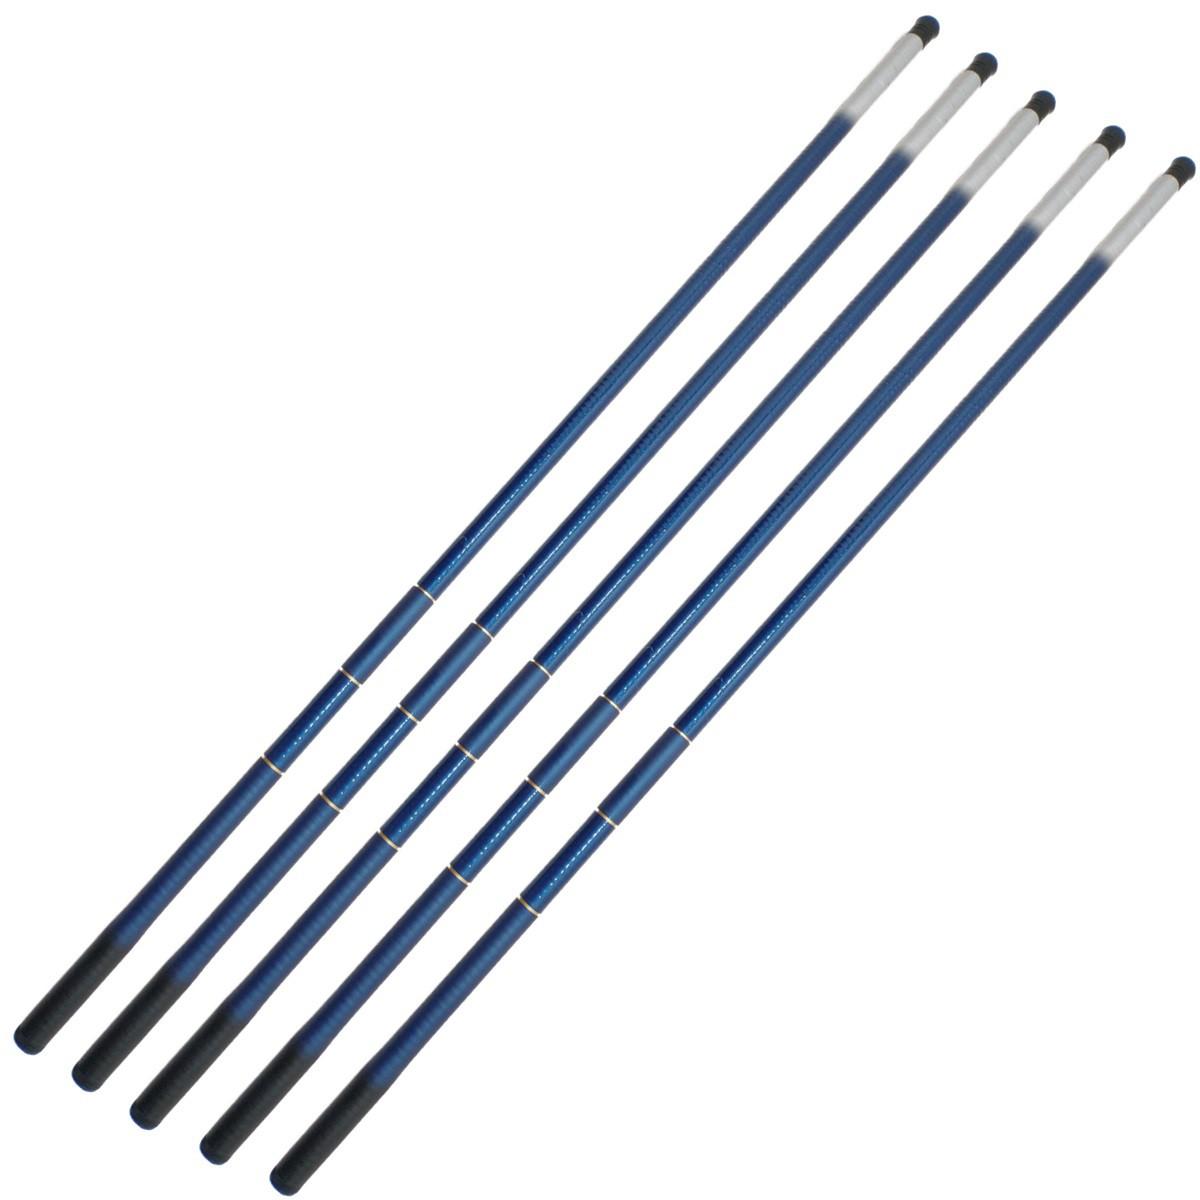 5 Varas De Mão Telescópica 2,40m 100% Fibra De Vidro